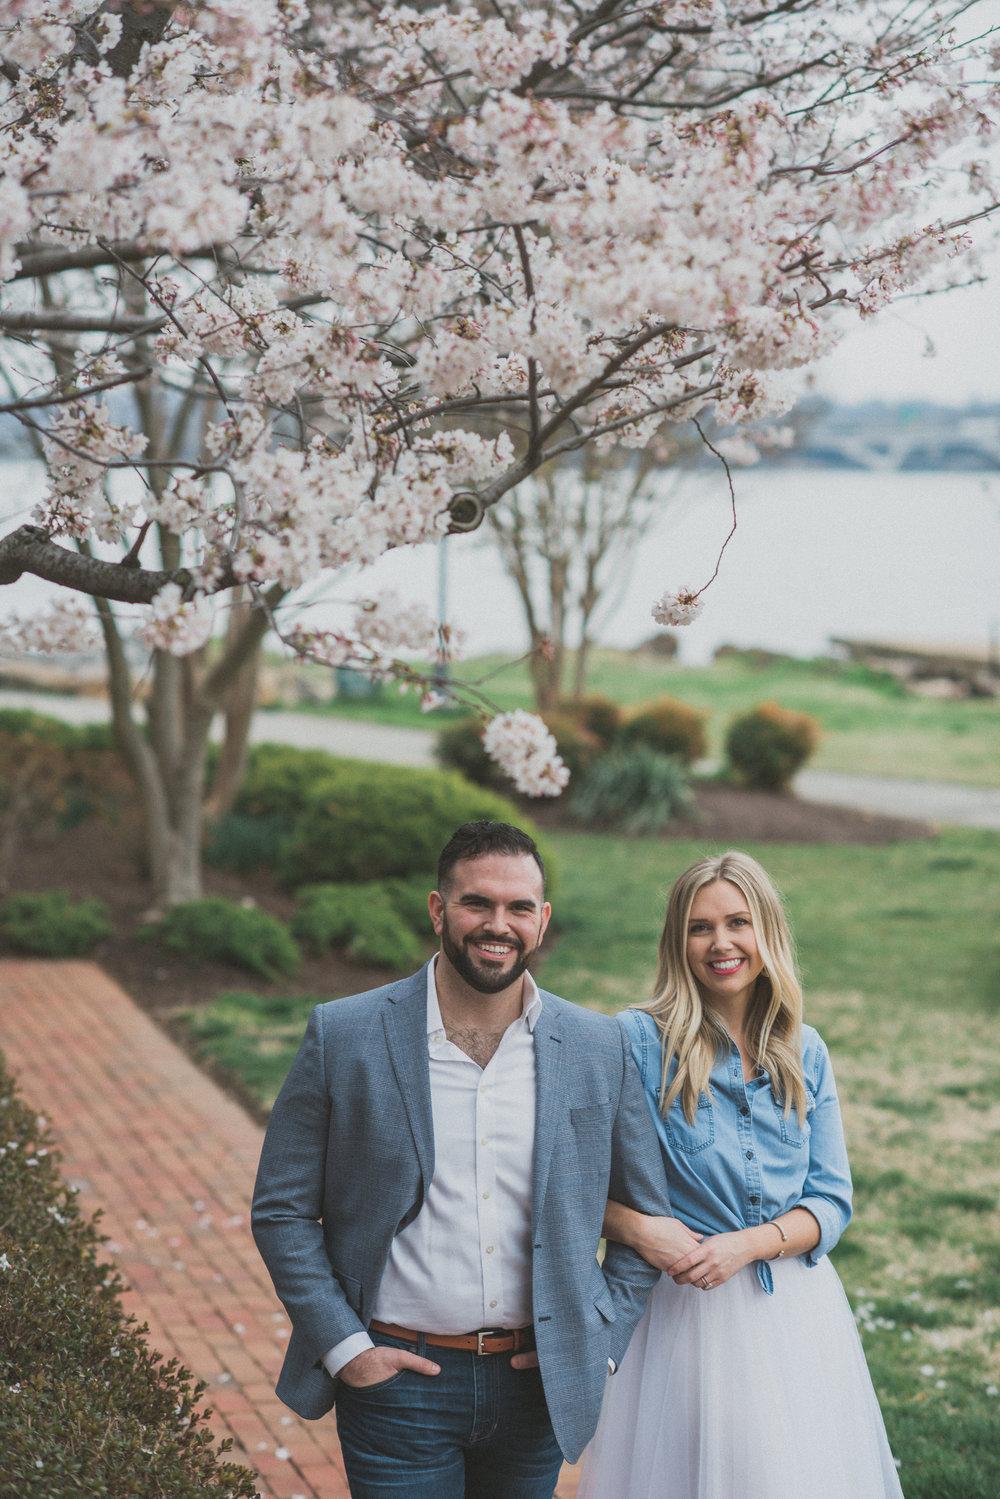 Rachel+Zack Engagement Session Previews